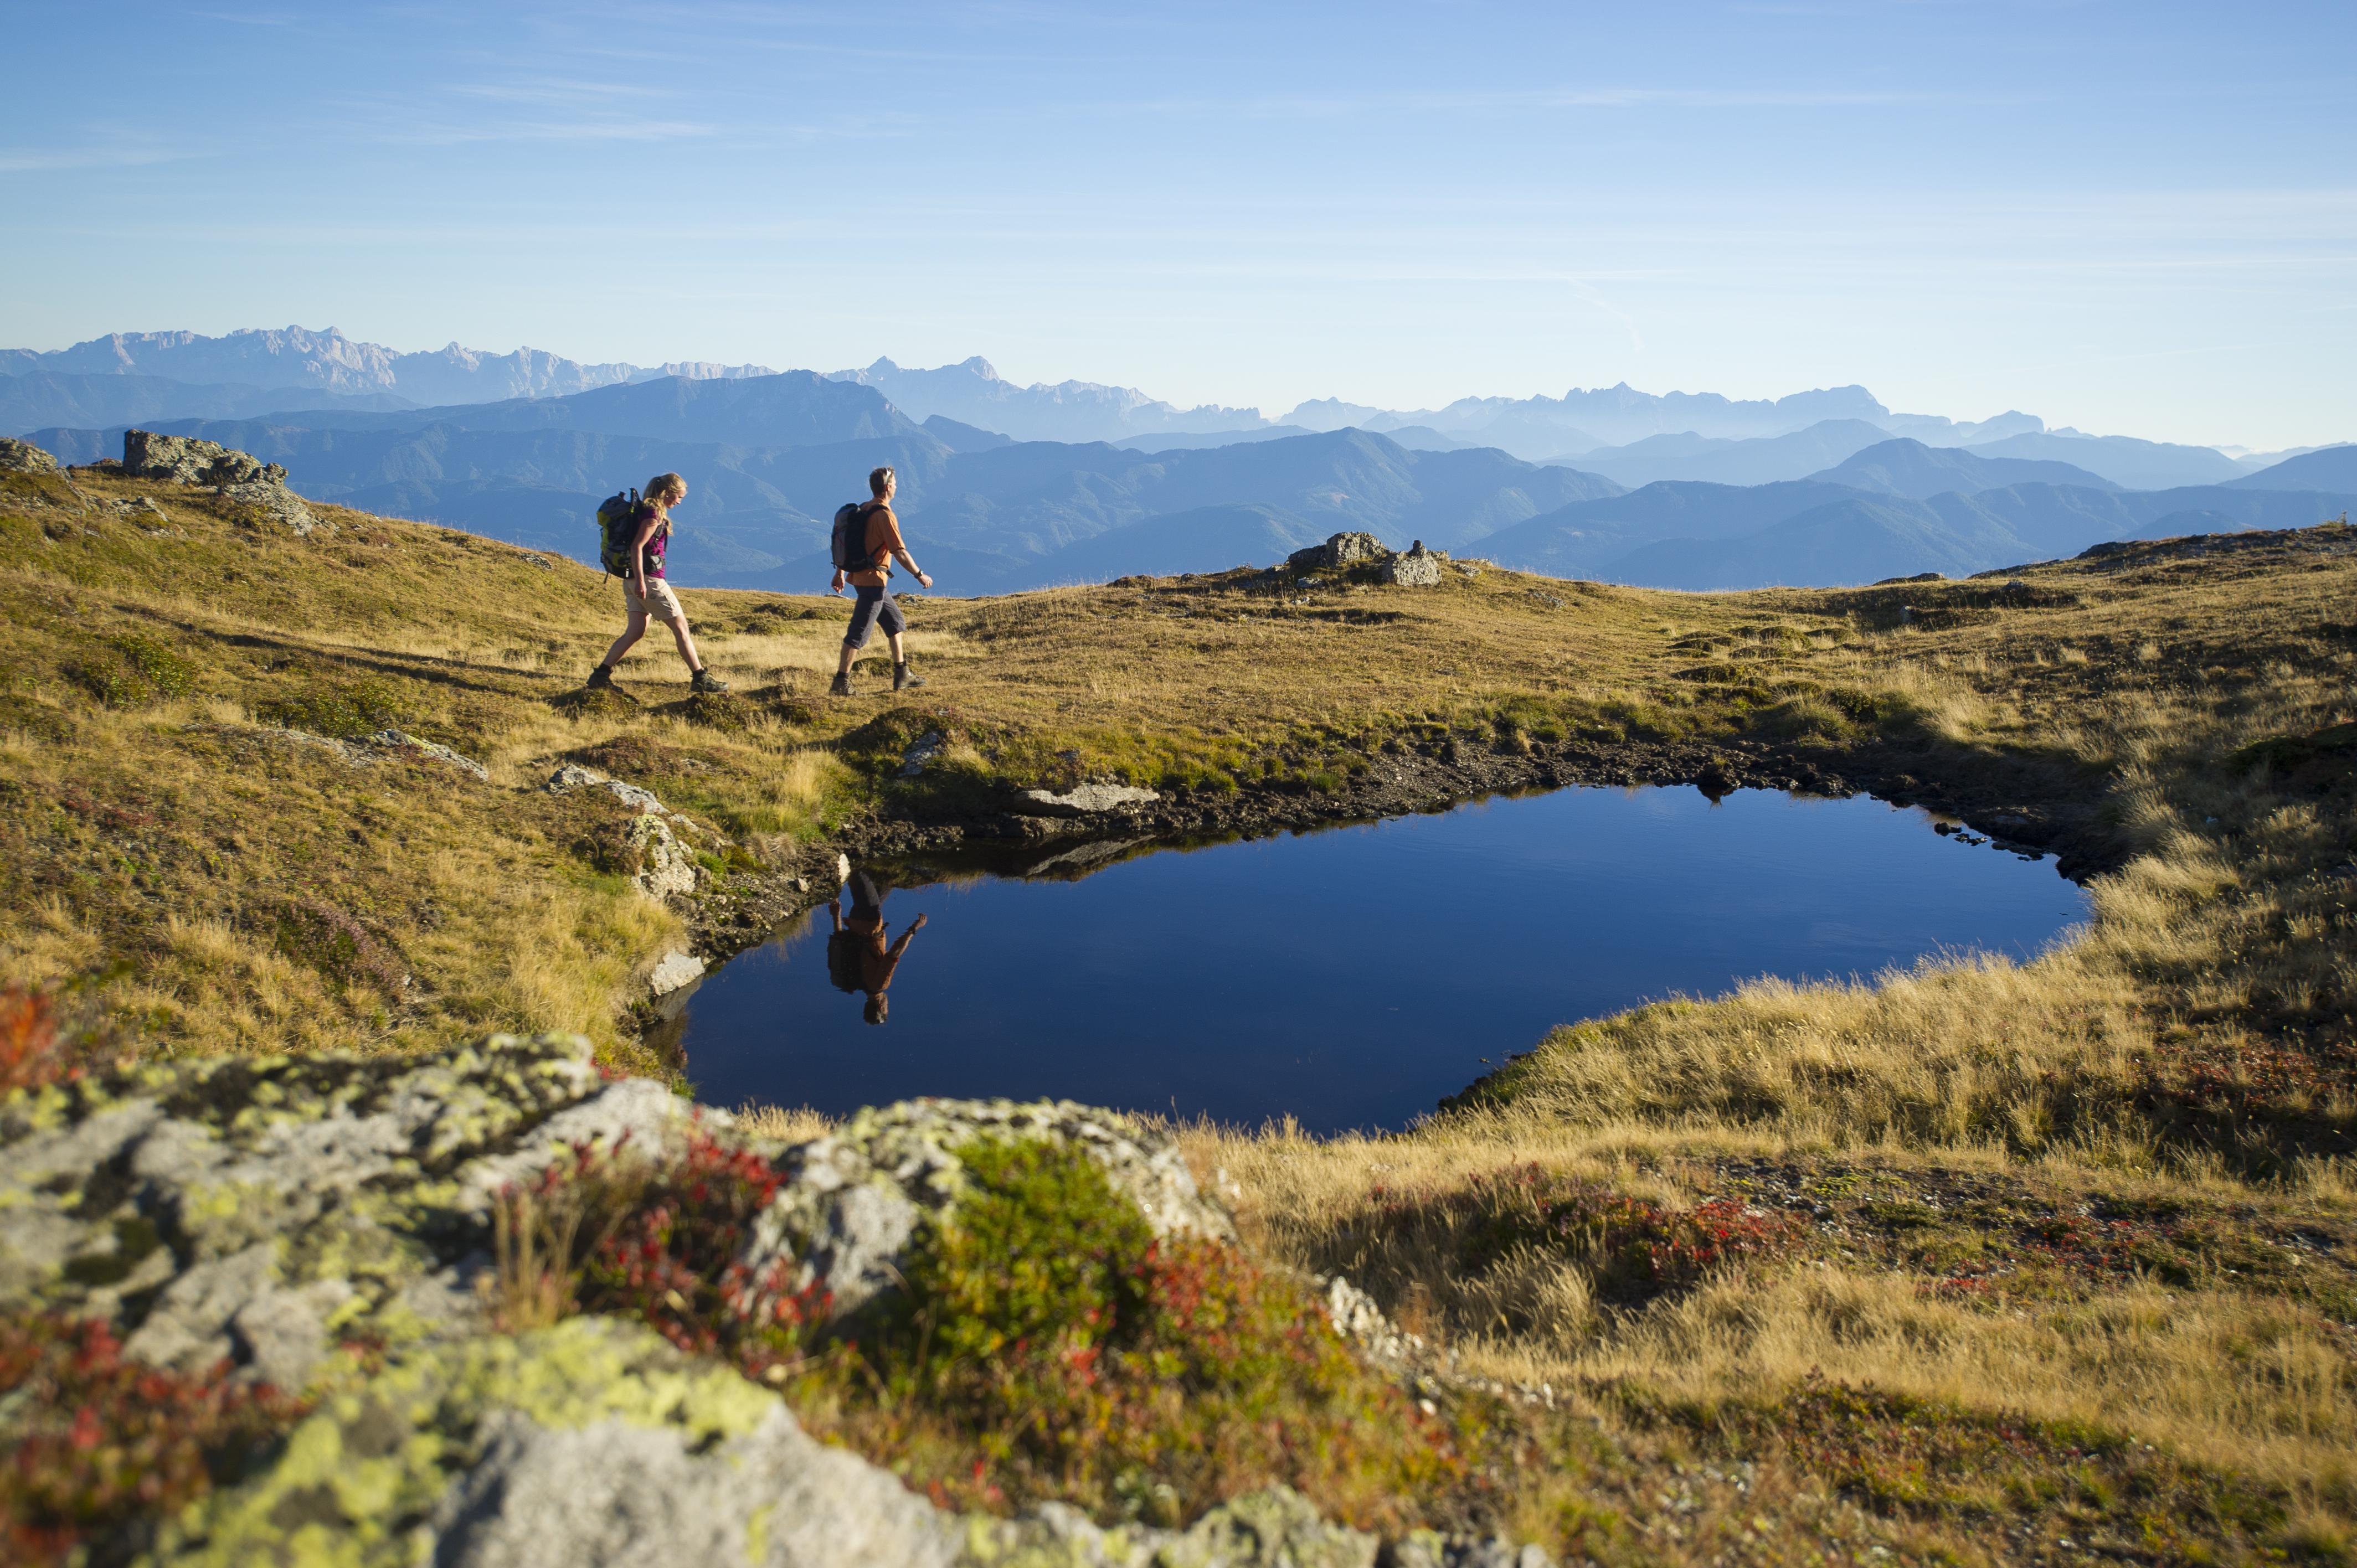 Wandern in Kärnten - Wandern auf der Millstätter Alm!